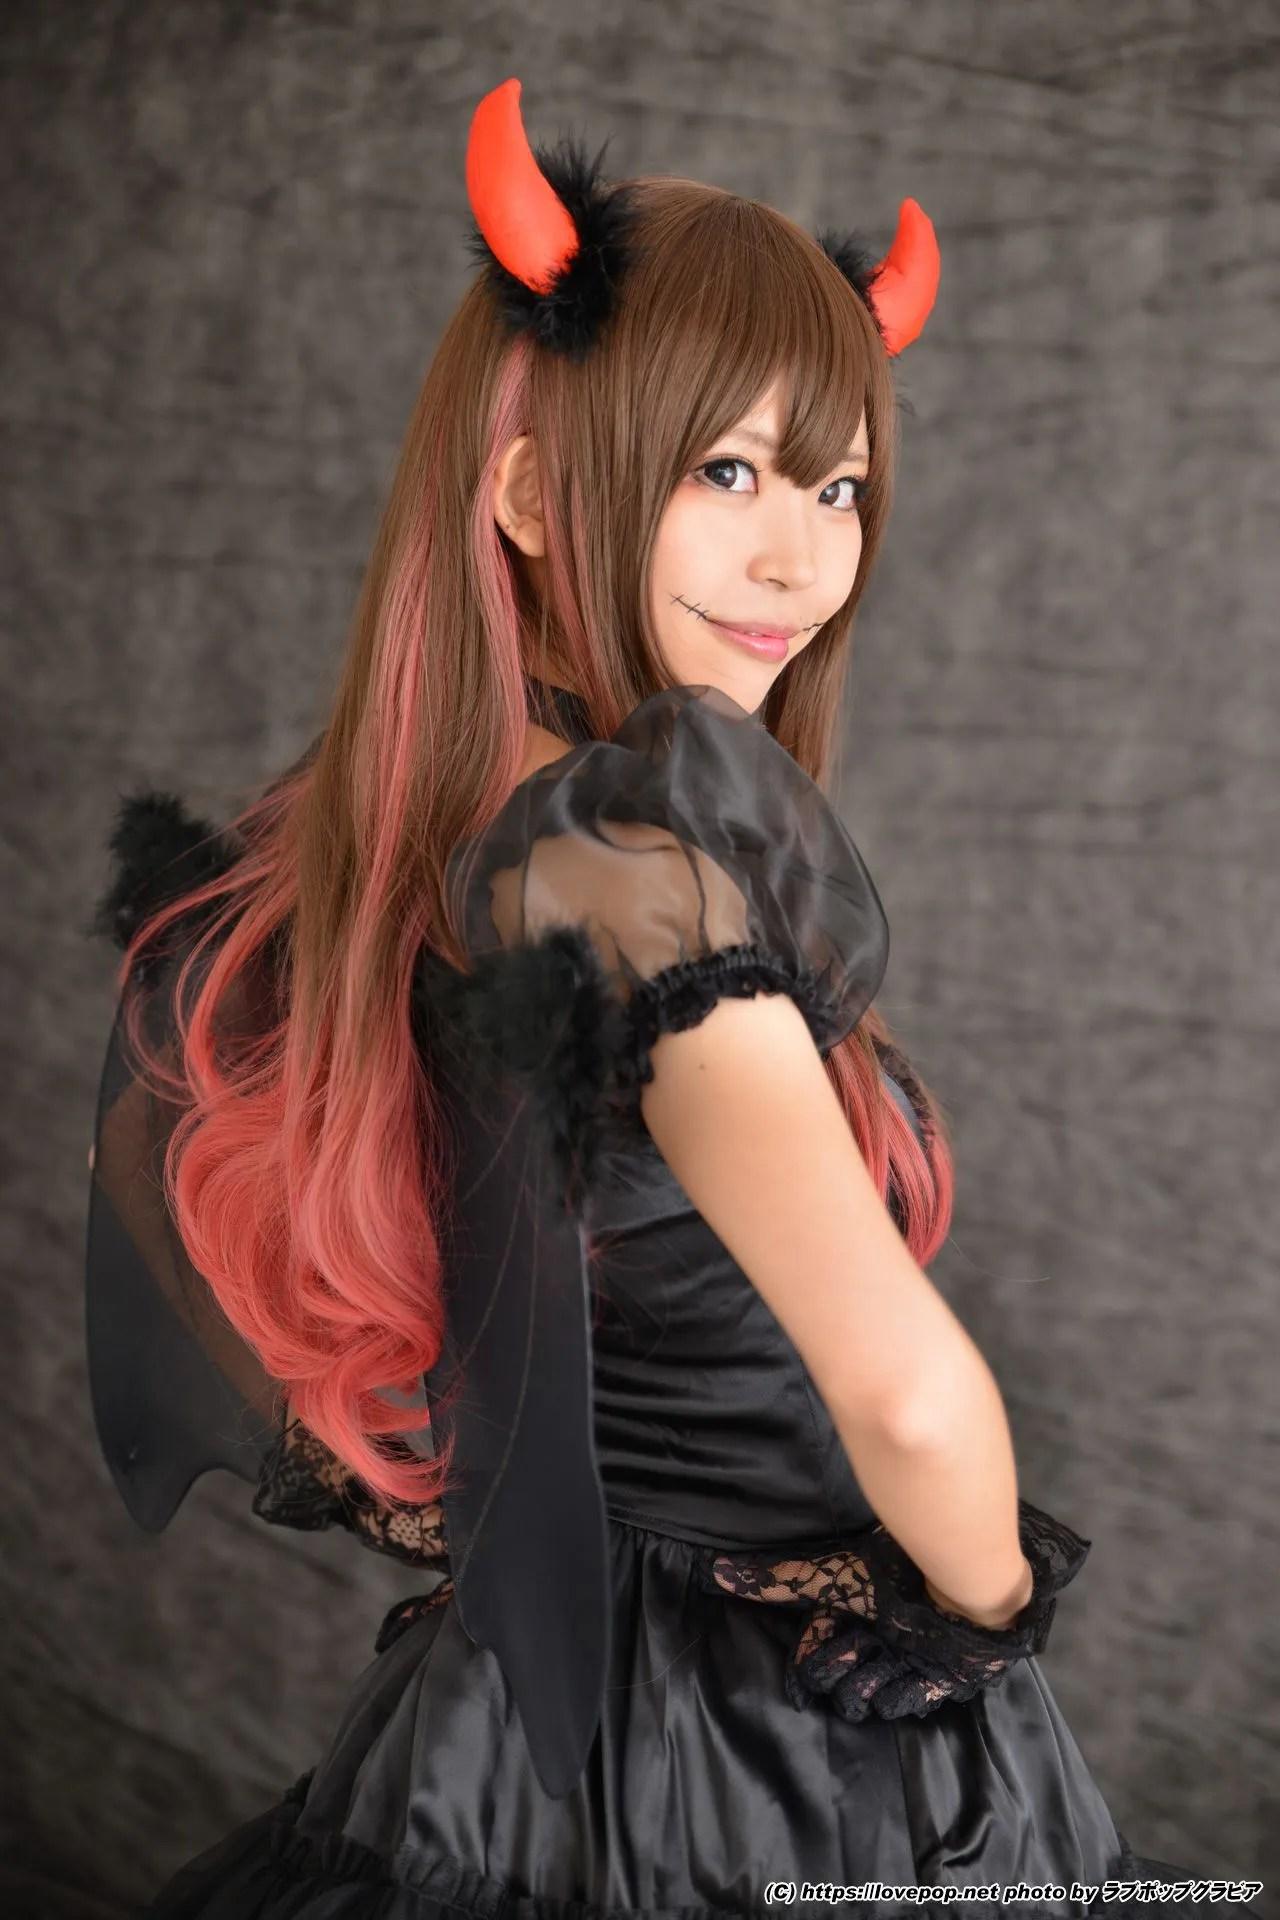 甘栗いるふ Irufu Amaguri Photoset 05 [LOVEPOP] 写真集[42P]插图(9)